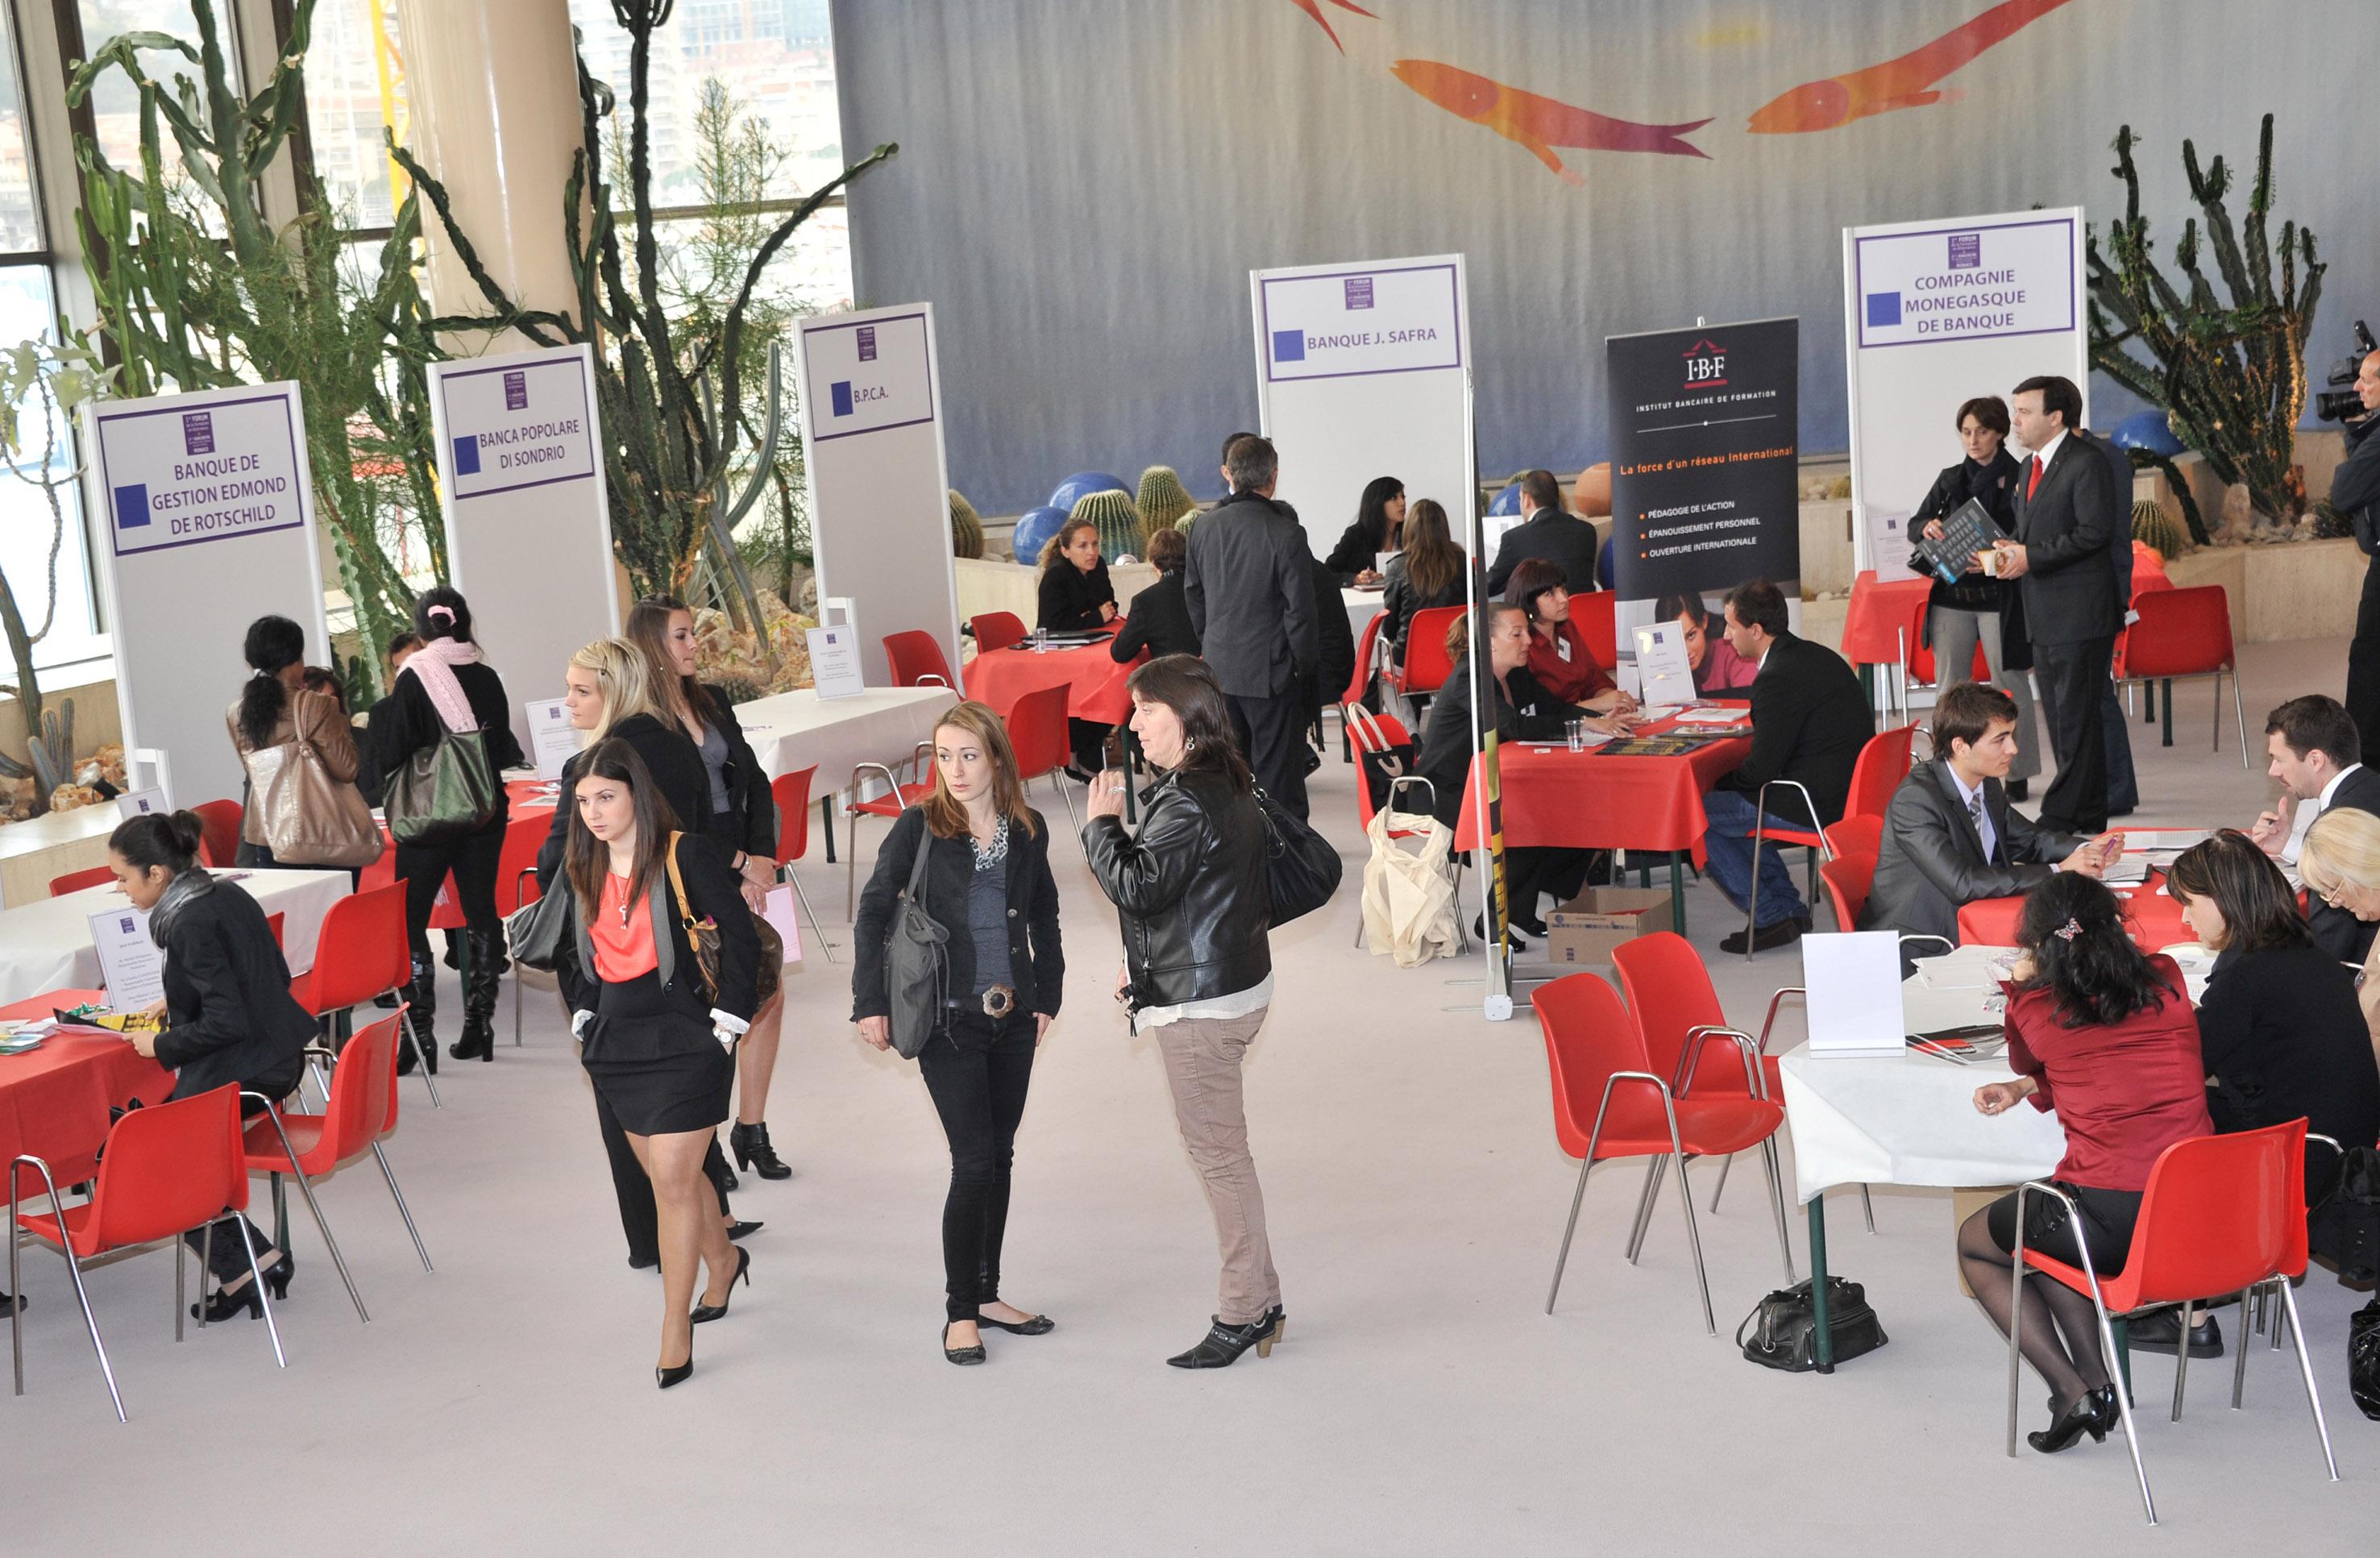 7ème rencontre des métiers de la santé - CHRU de Montpellier